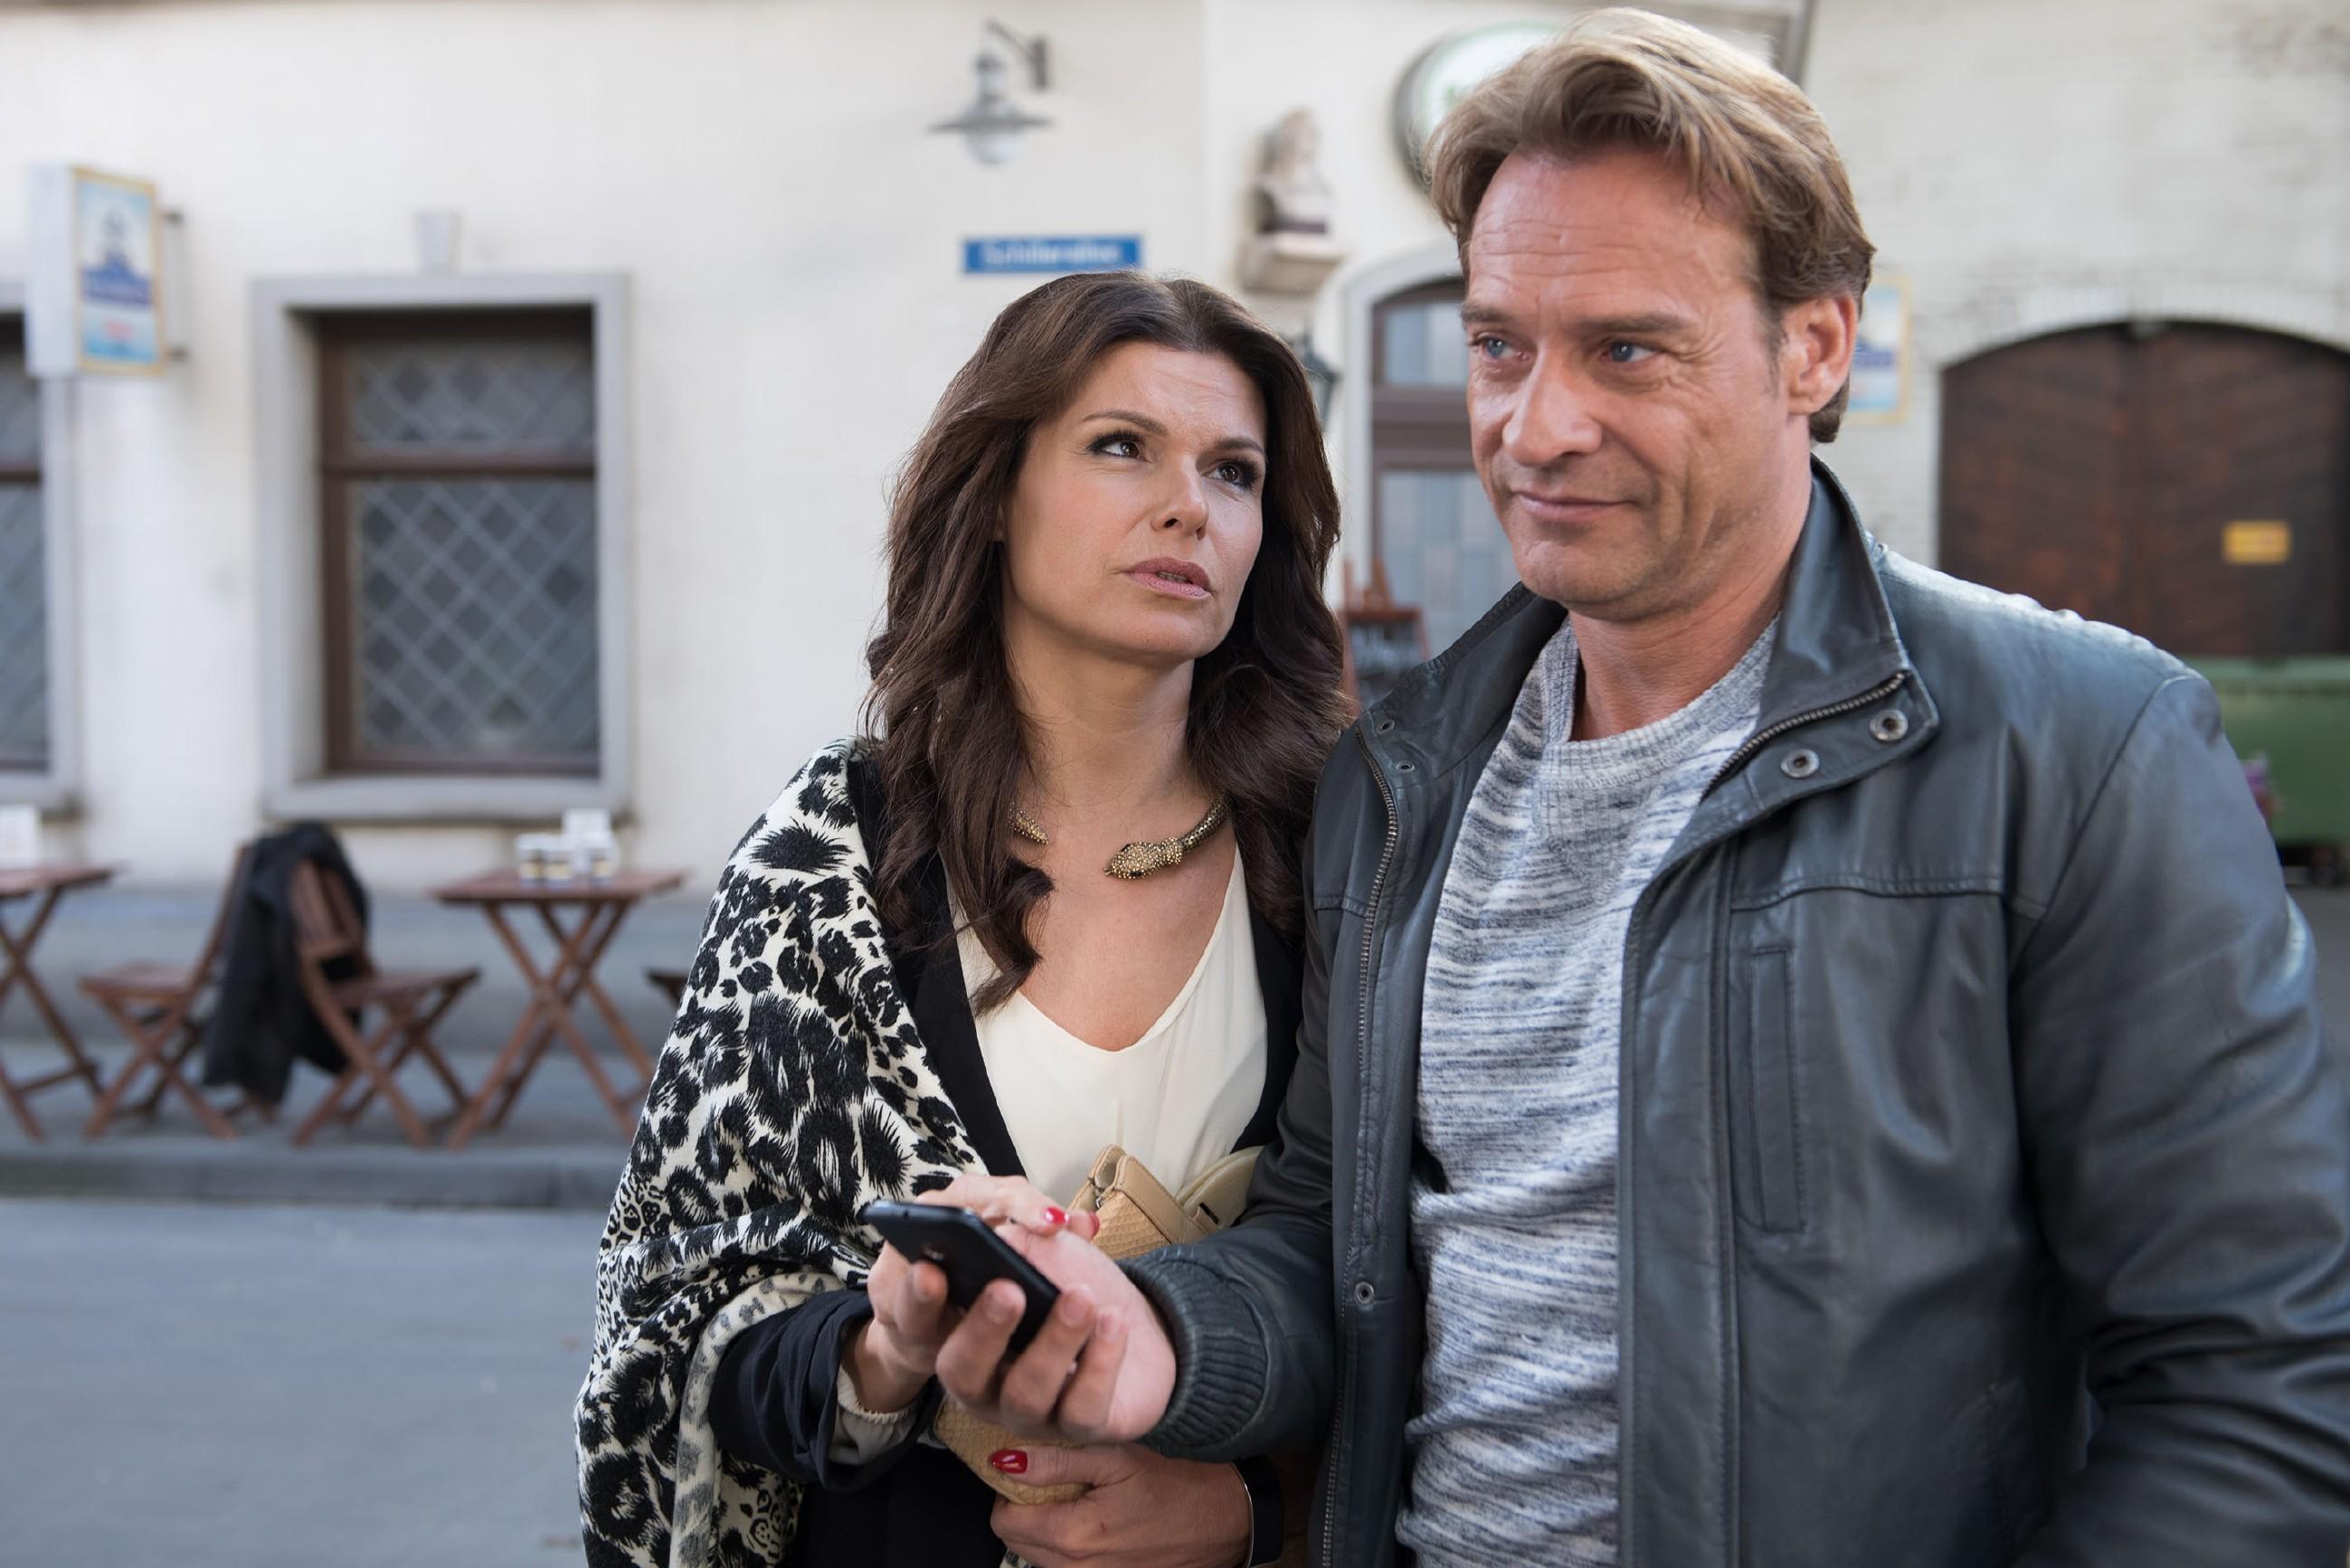 Britta (Tabea Heynig) und Rufus (Kai Noll) fangen an, nach passenden Wohnungen zu suchen, doch sie müssen schnell erkennen, dass ihre Vorstellungen von einem gemeinsamen Heim weit auseinanderliegen. (Quelle: © RTL / Stefan Behrens)